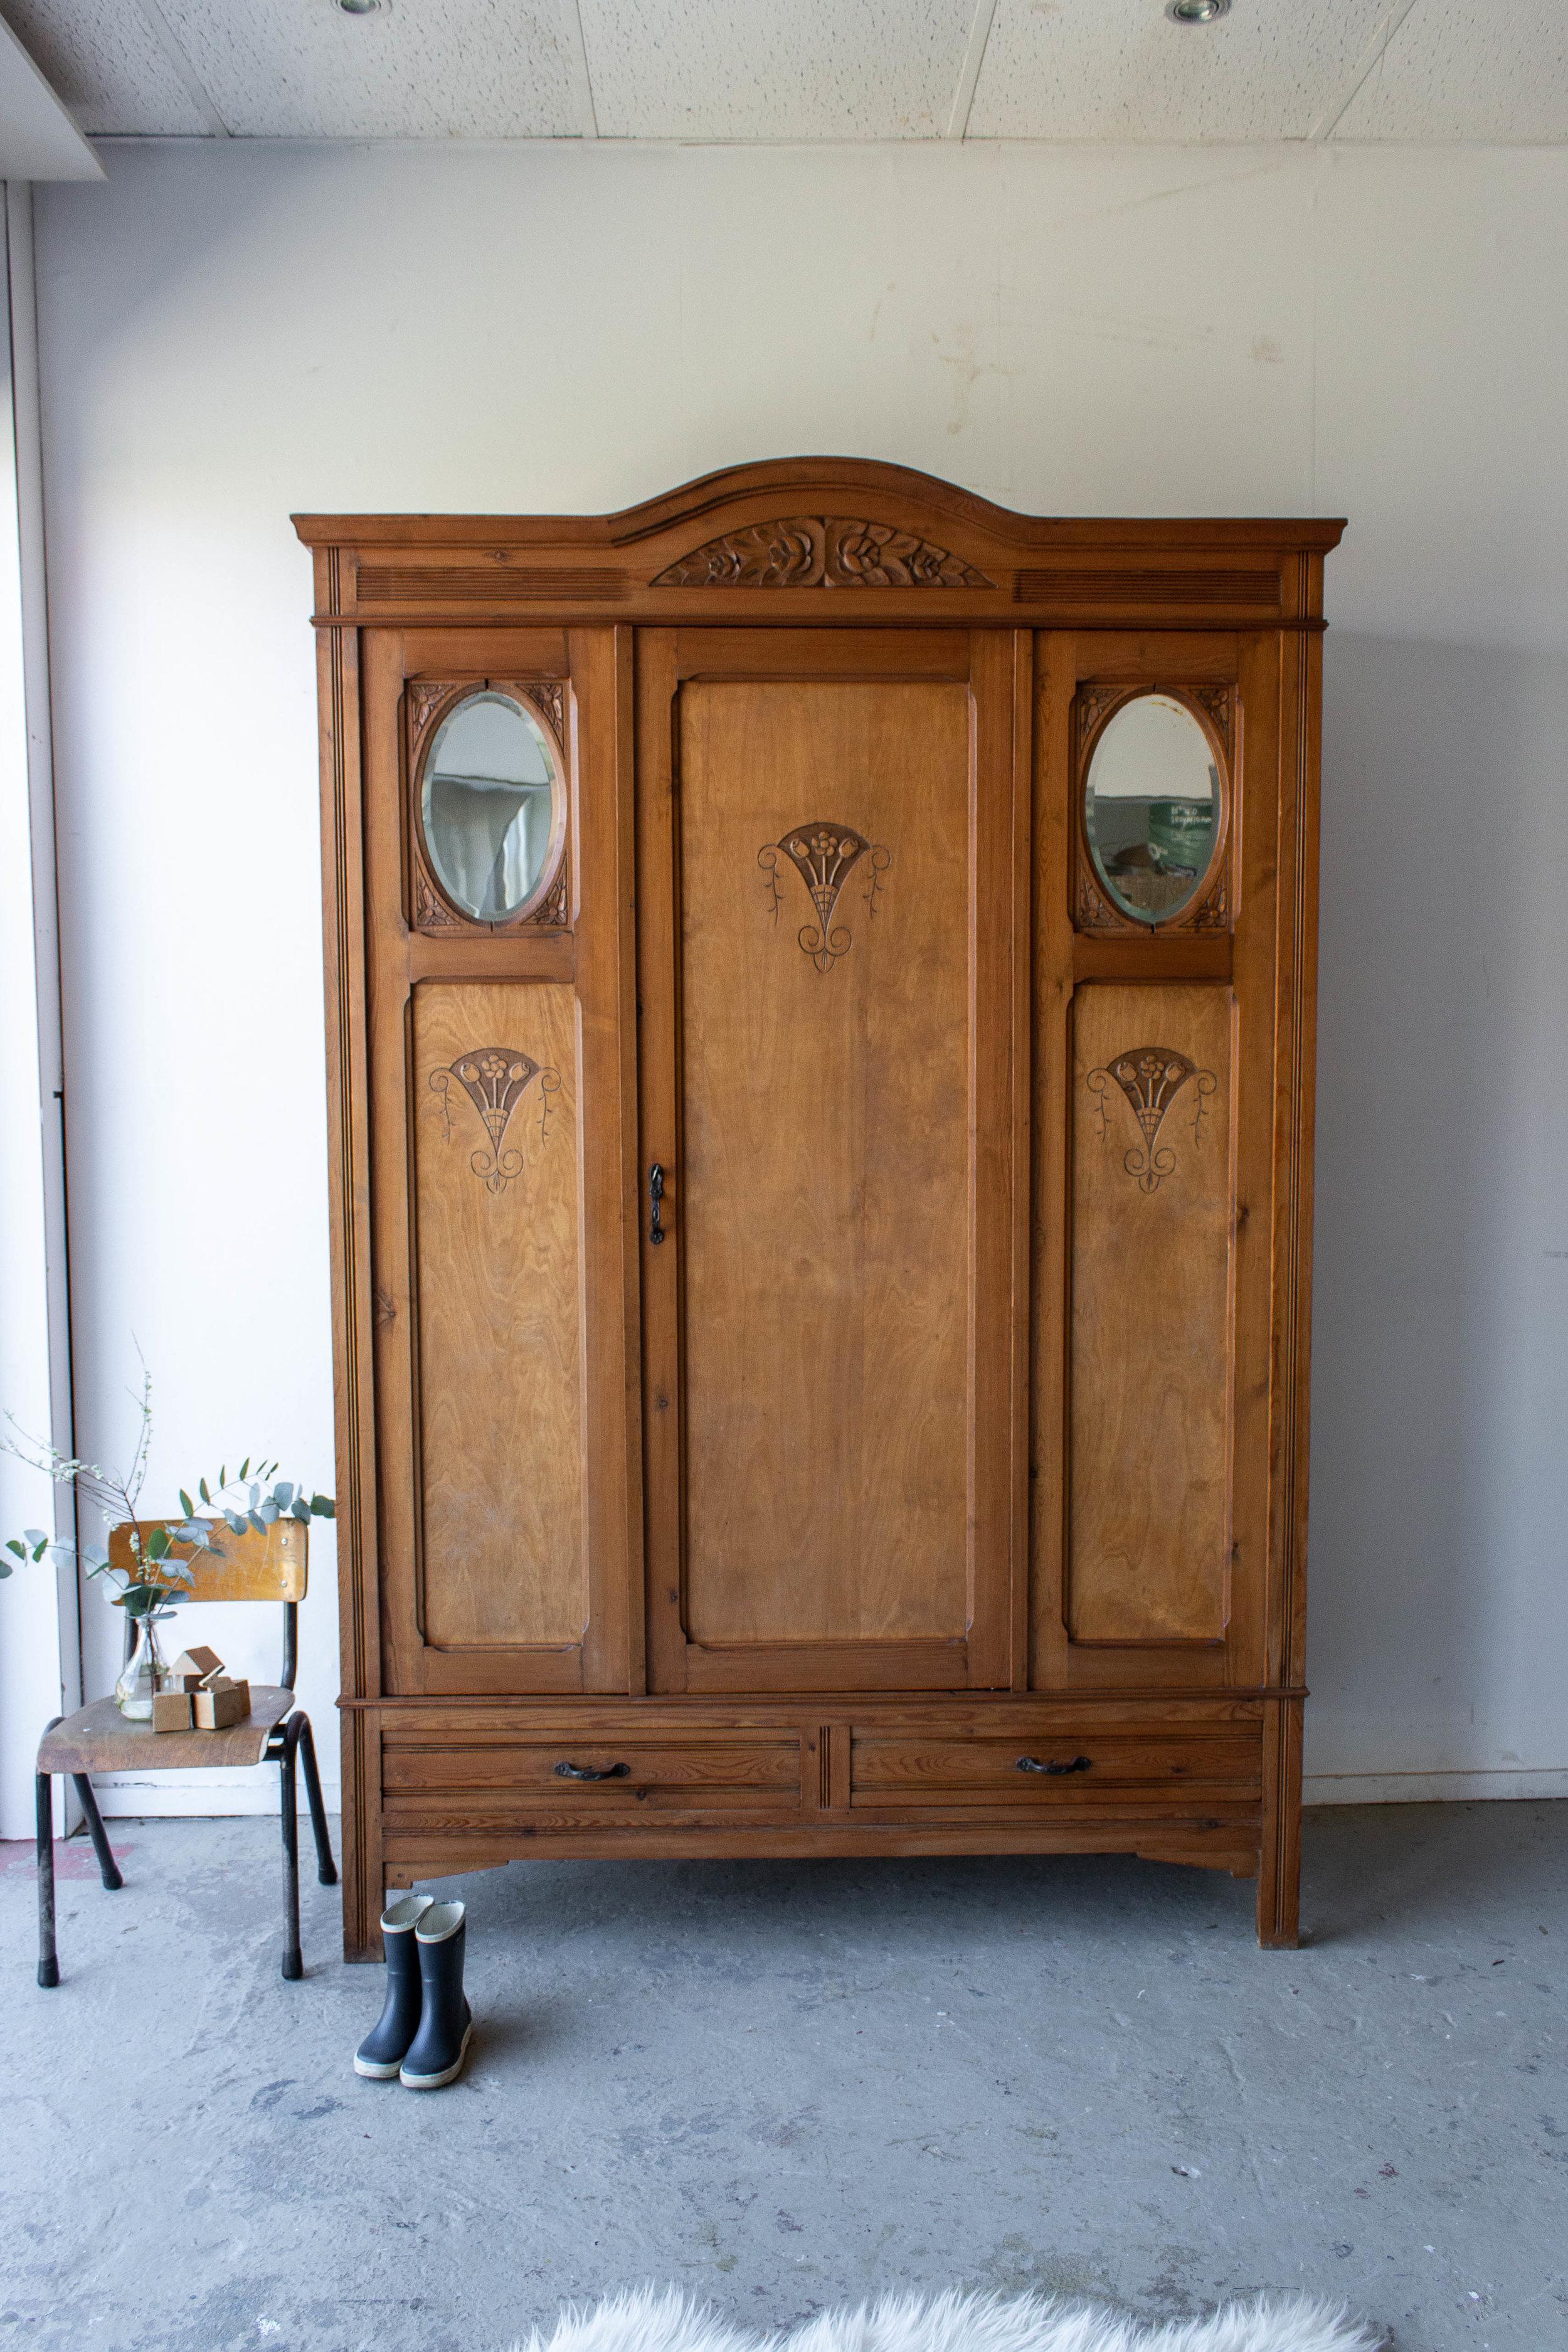 1497- demontabele vintage kast met houtsnijwerk.jpg